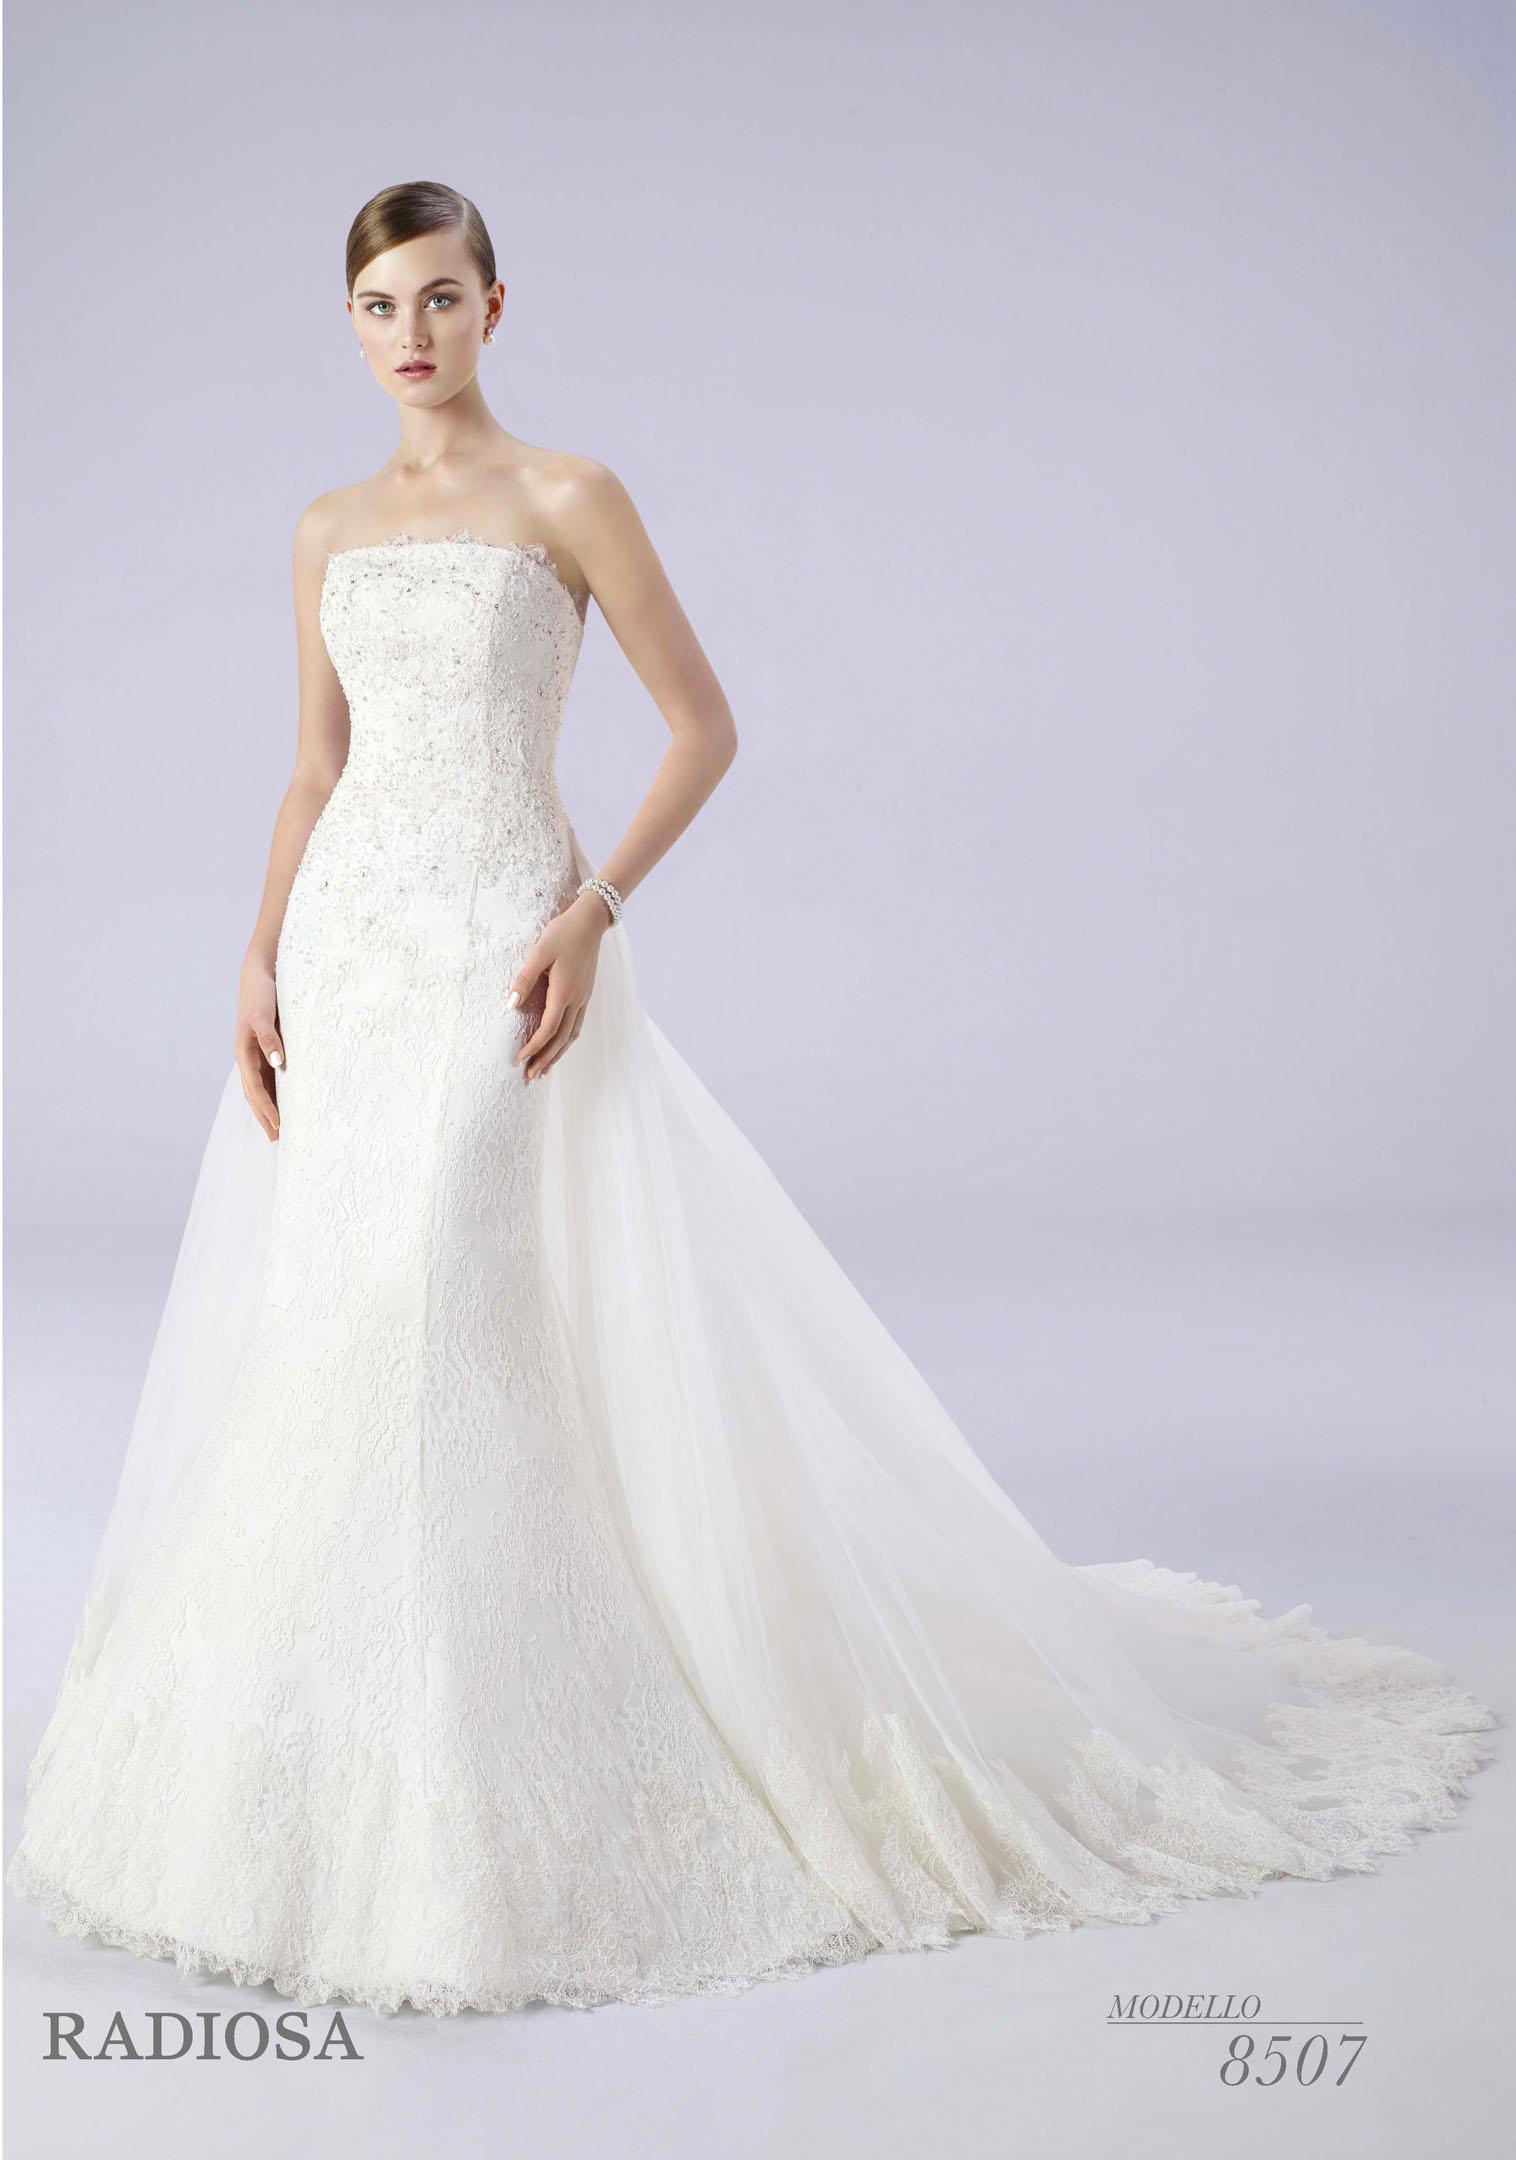 72bedbcdd6fa Abiti da sposa radiosa collezione 2014 – Modelli alla moda di abiti 2018